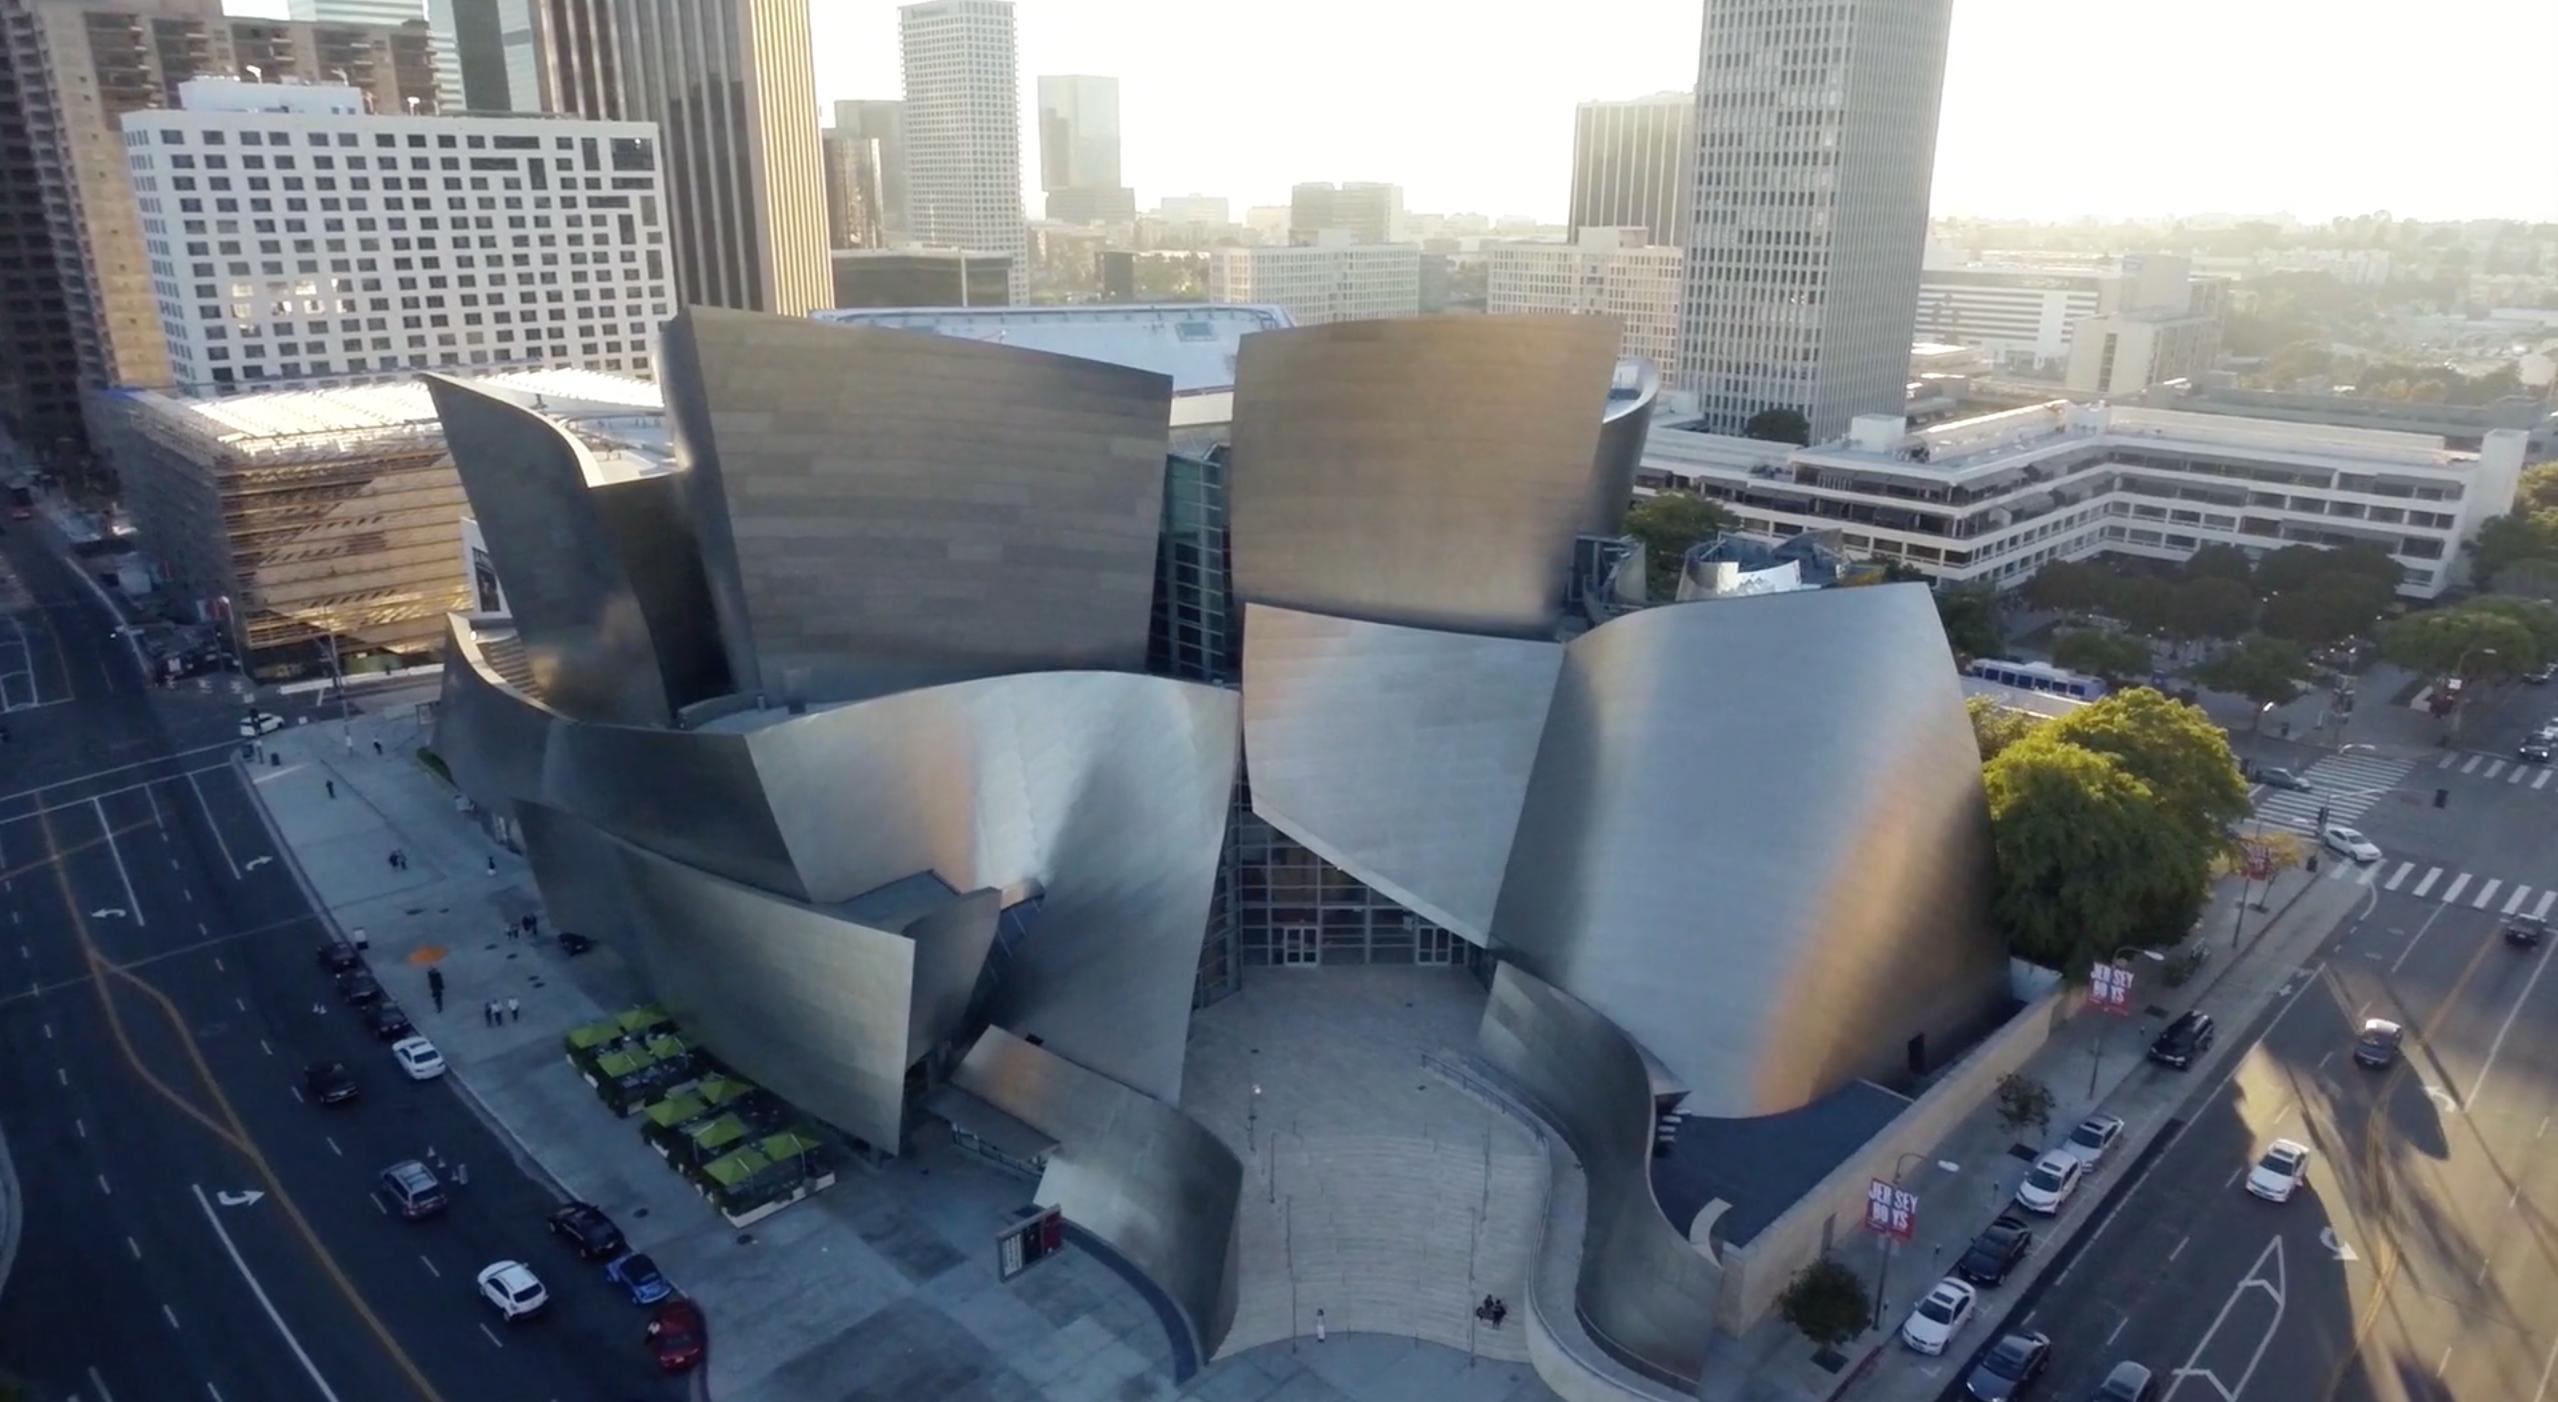 LA(ロサンゼルス)好きにしかわからない、LA好きのための動画